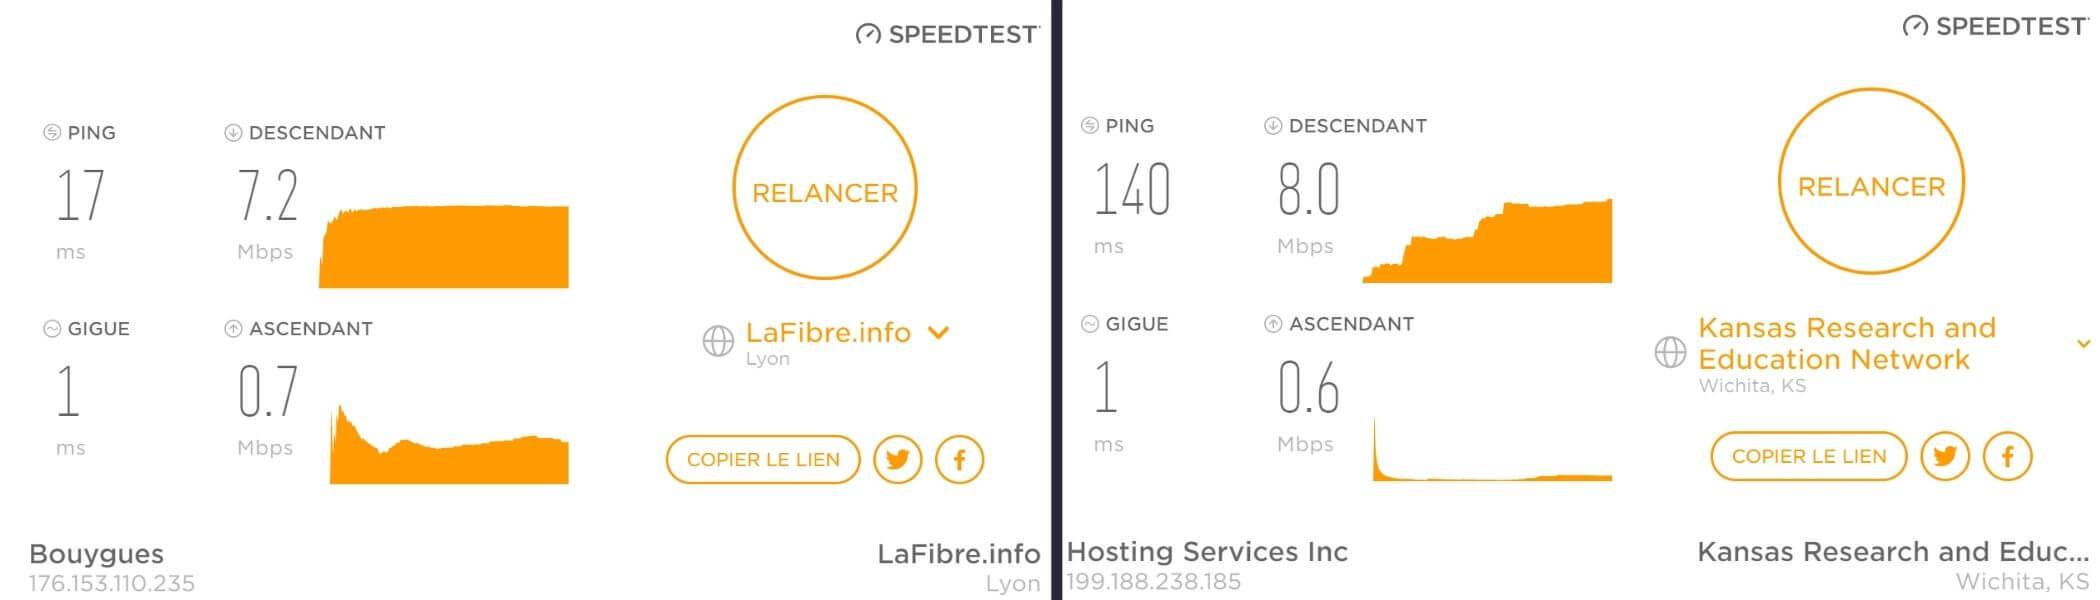 Test de vitesse de connexion sur serveur proche Betternet